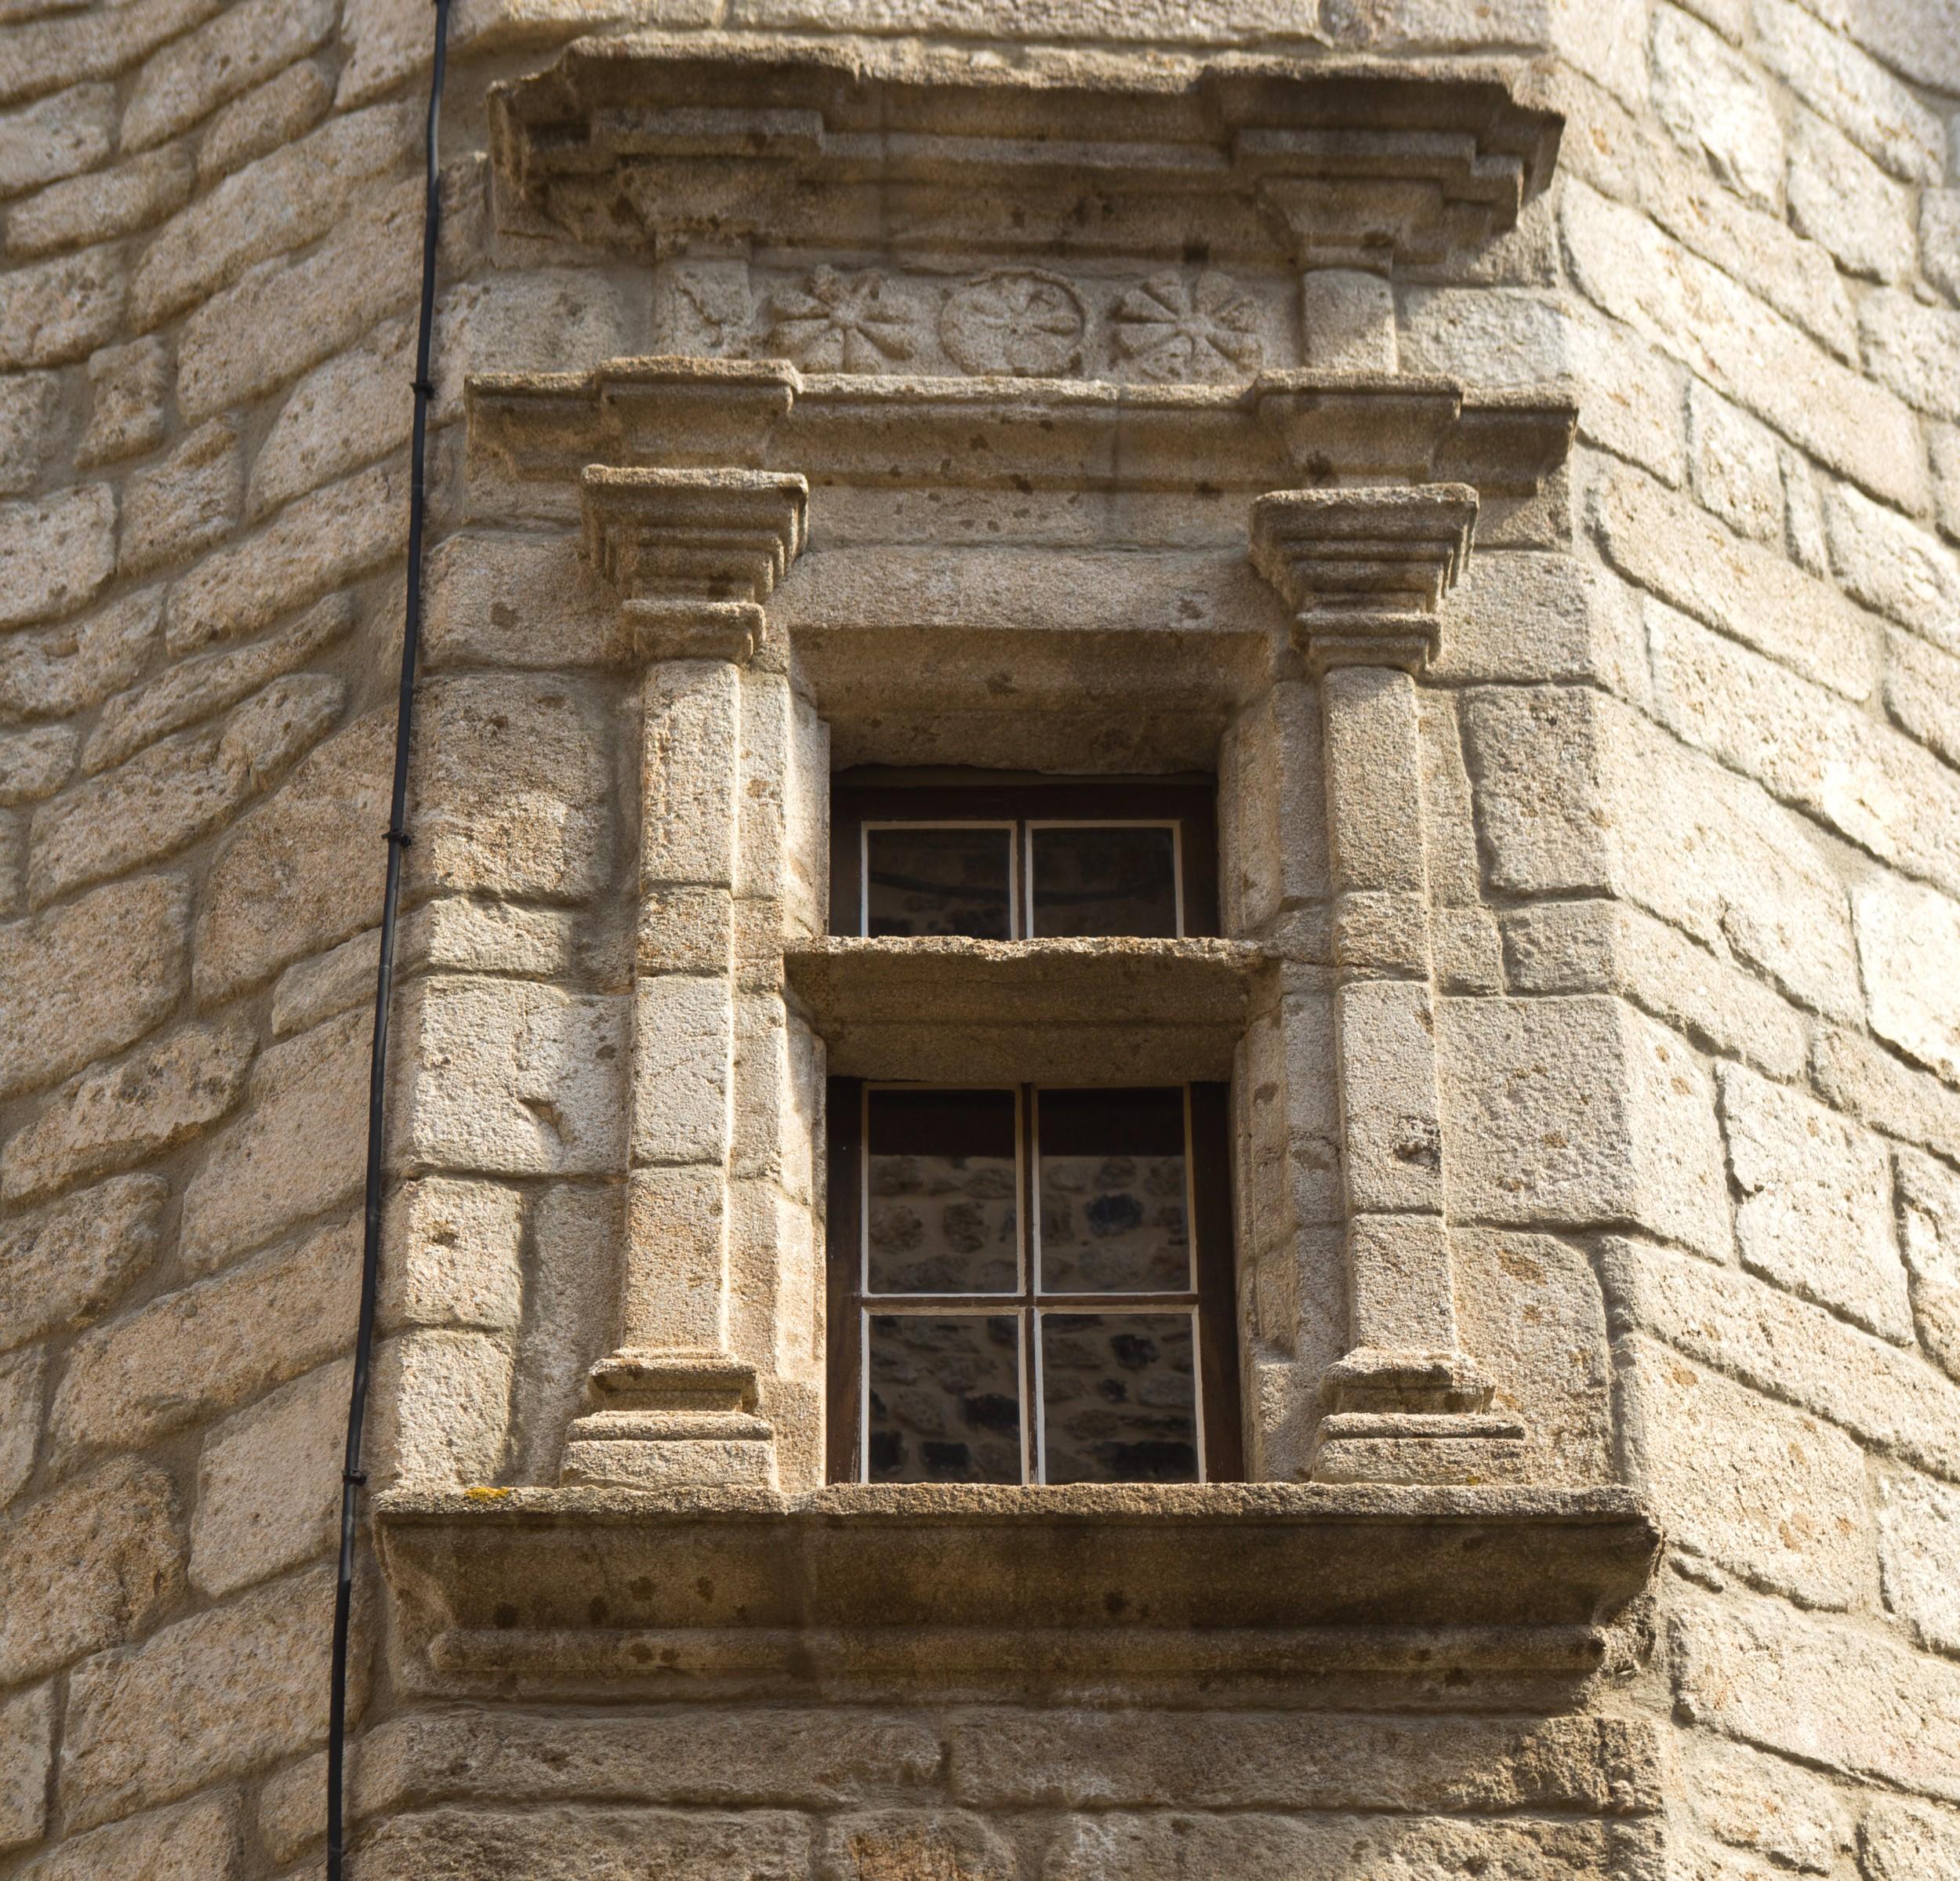 Thueyts - Maison Michel Pichot de Lespinasse-fenêtre ©S.BUGNON